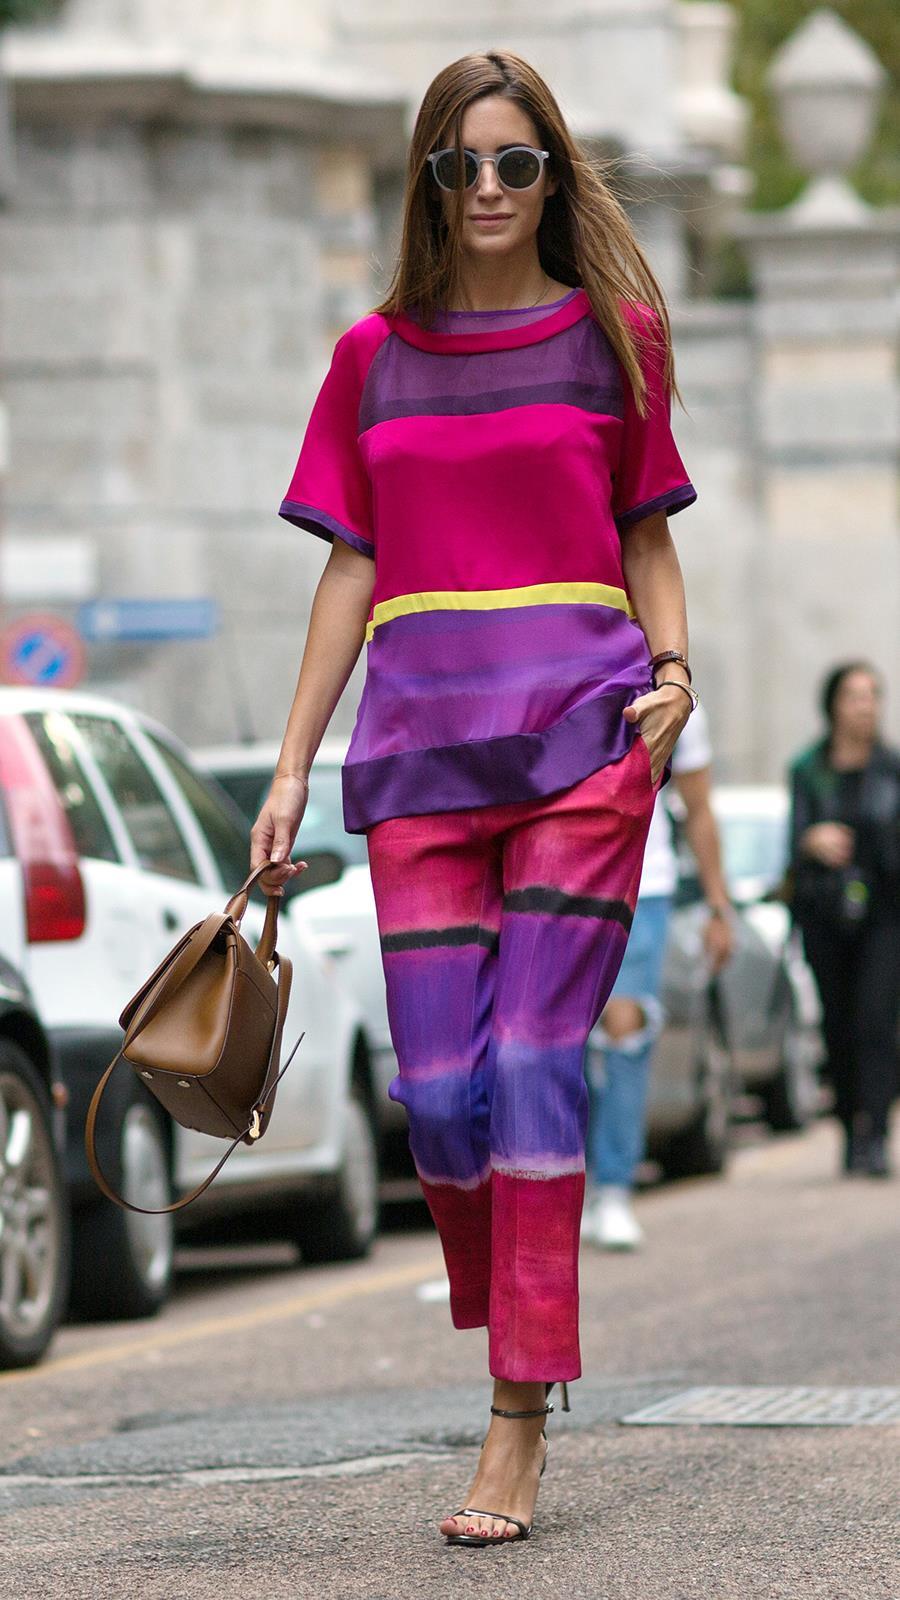 Cómo vestirse bien  consejos para chicas bajitas - InStyle ad8b6187d4ae